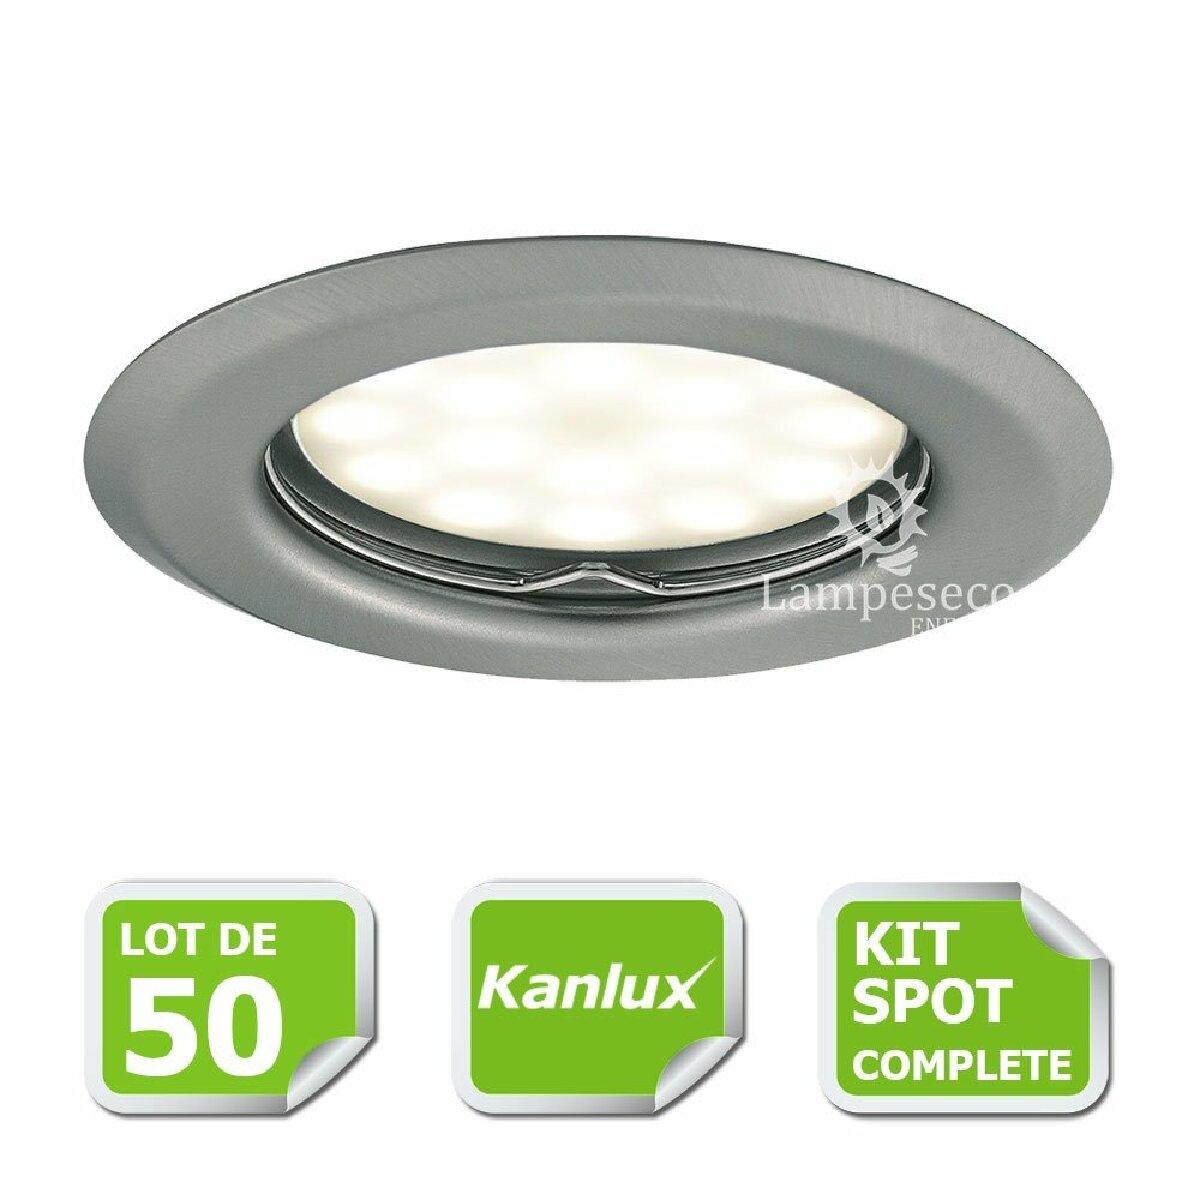 Kanlux Kit complete de 50 Spots encastrable chrome mat marque Kanlux avec GU10 LED 5W Blanc Chaud